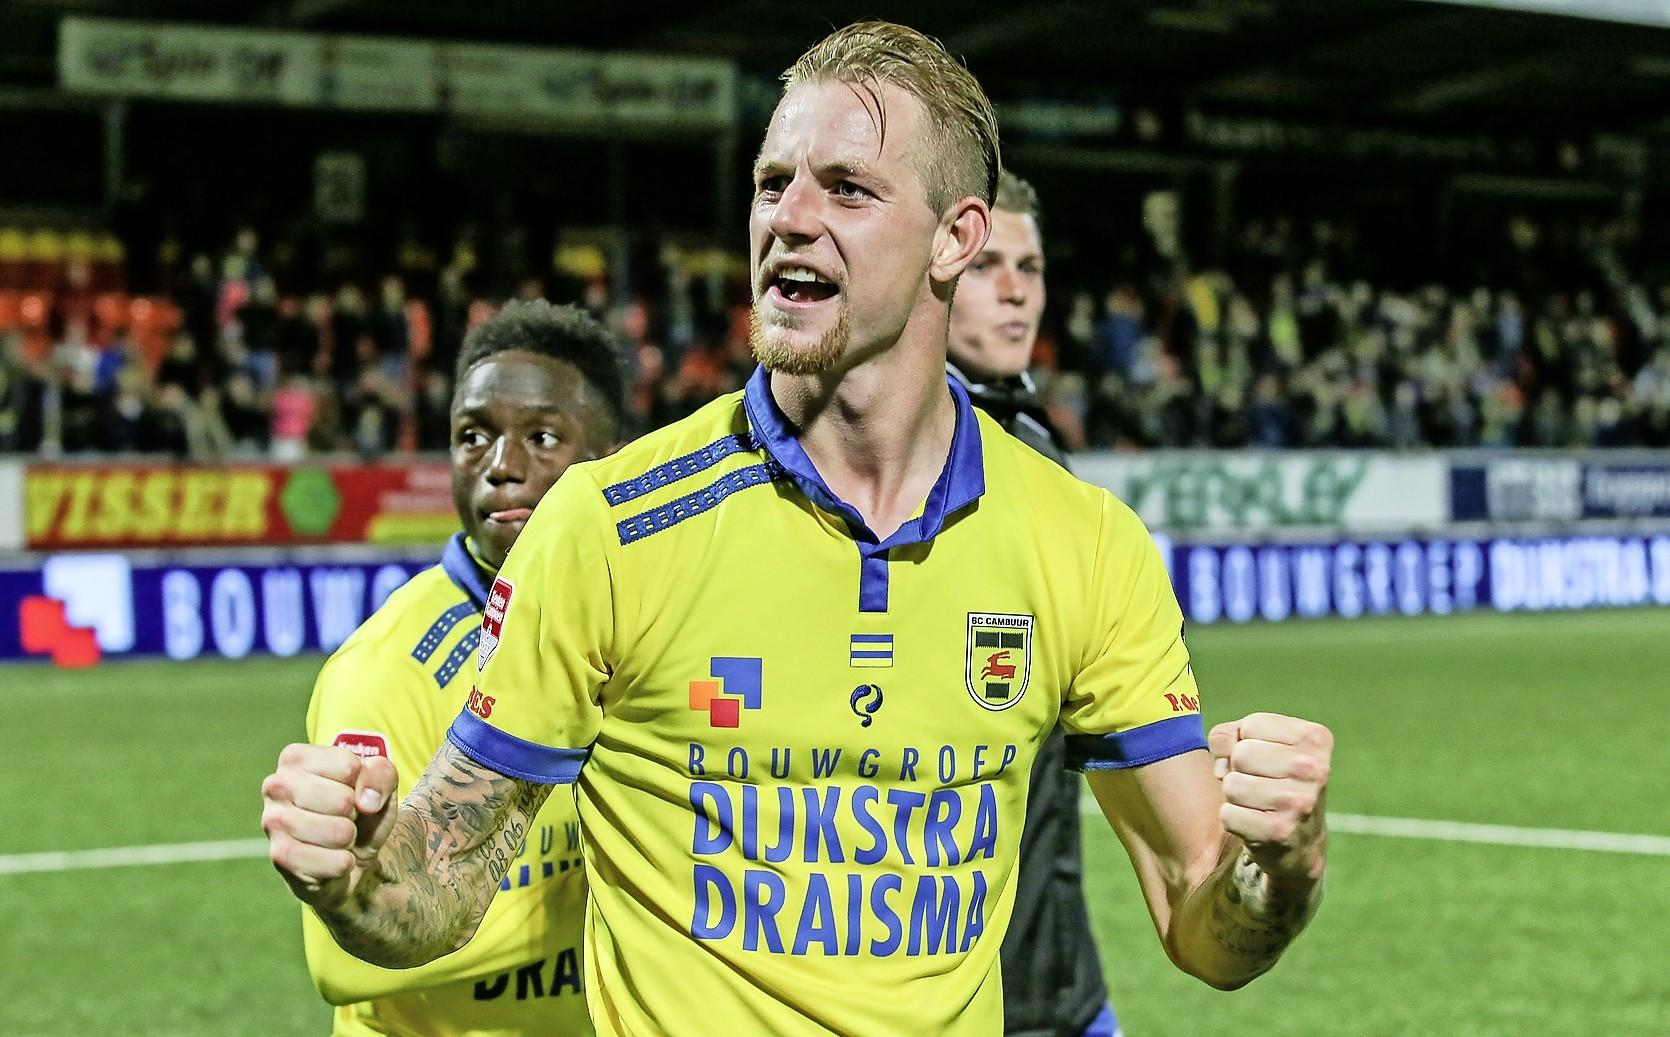 Voetballer Van Kippersluis uit Hilversum is coronavrij en start bij Eagles